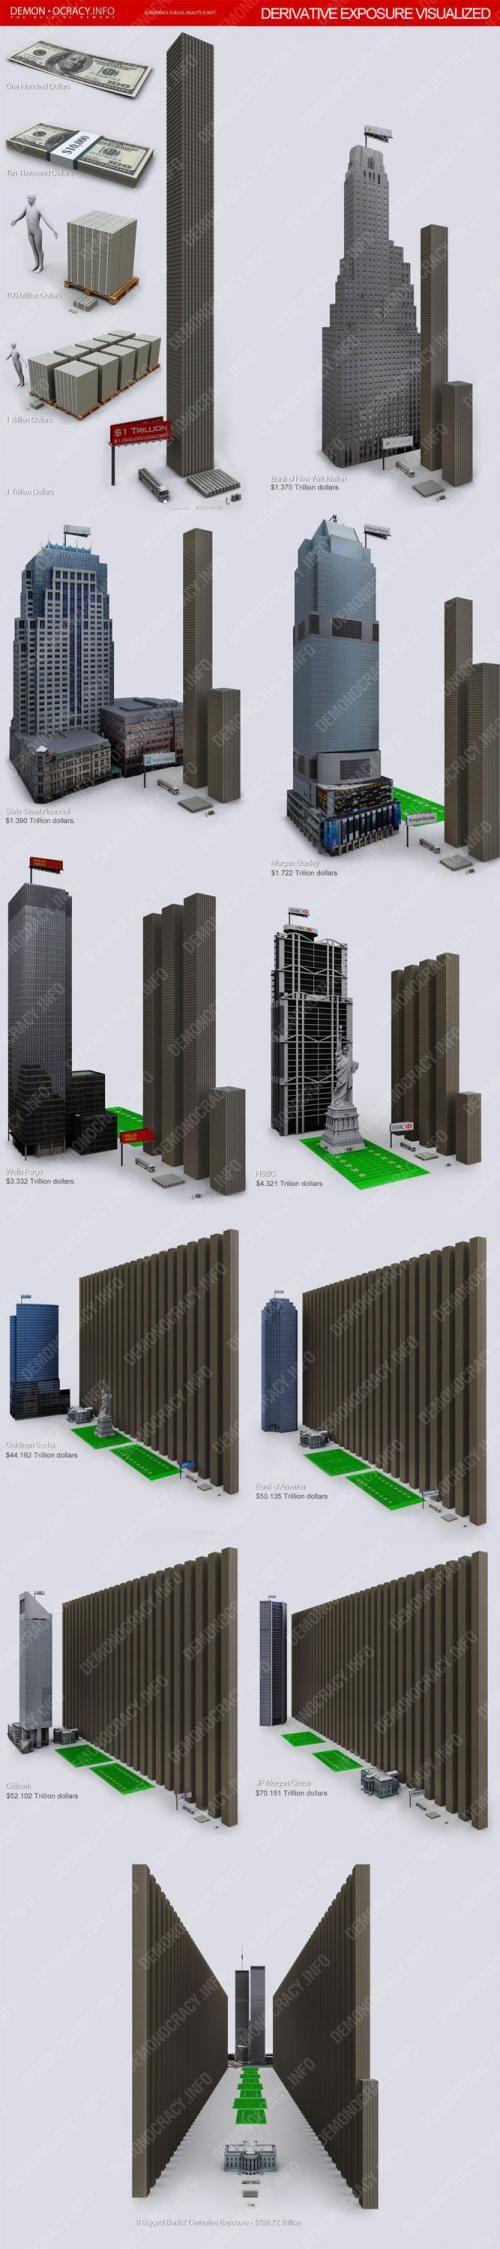 L'exposition des banques US aux produits dérivés